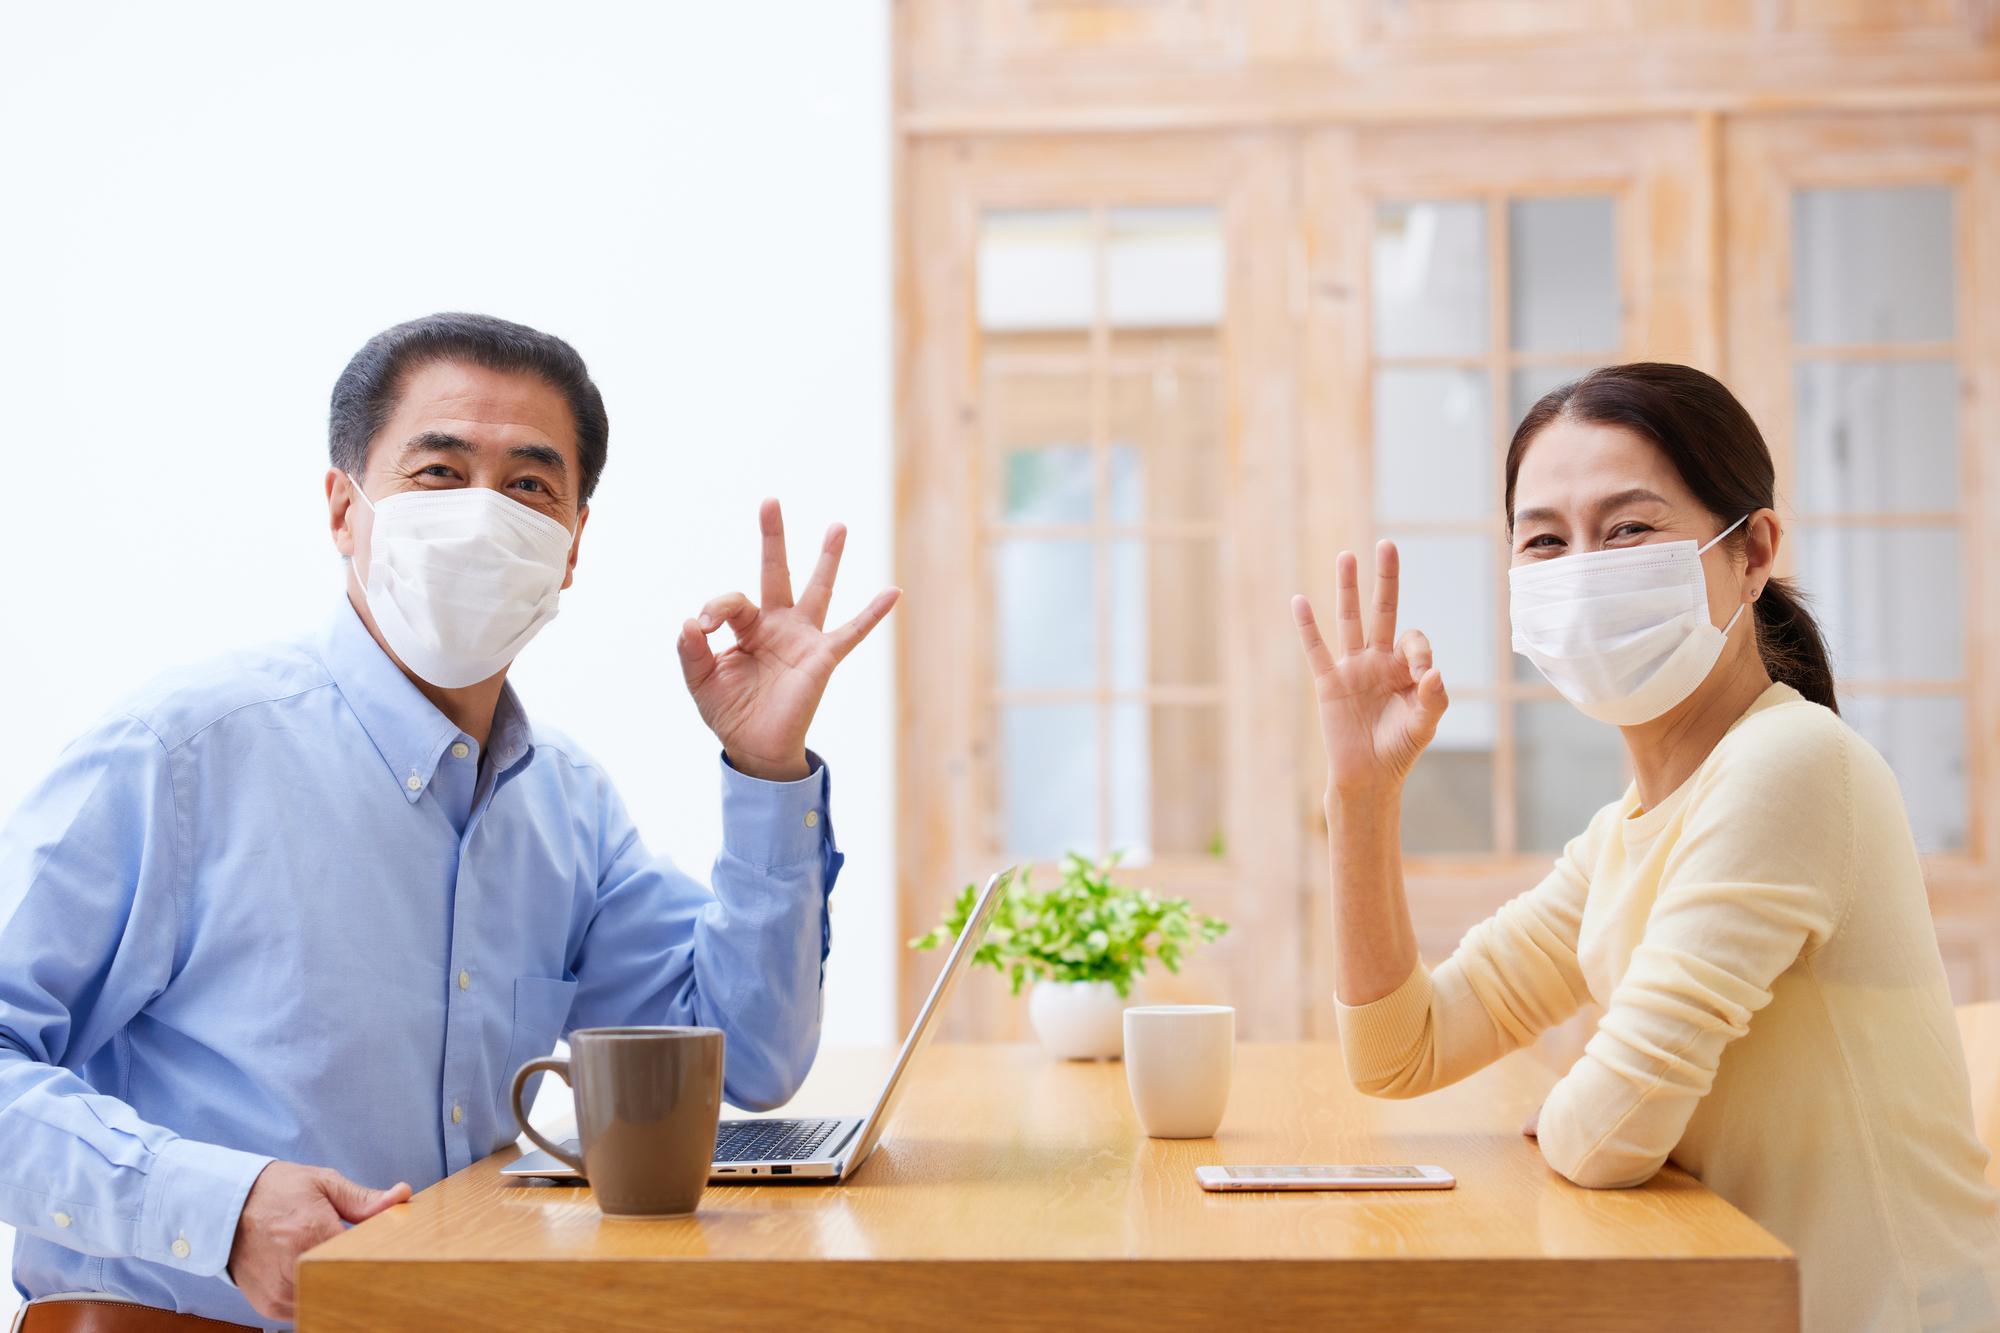 リビングでマスクを付けて話すシニアの夫婦